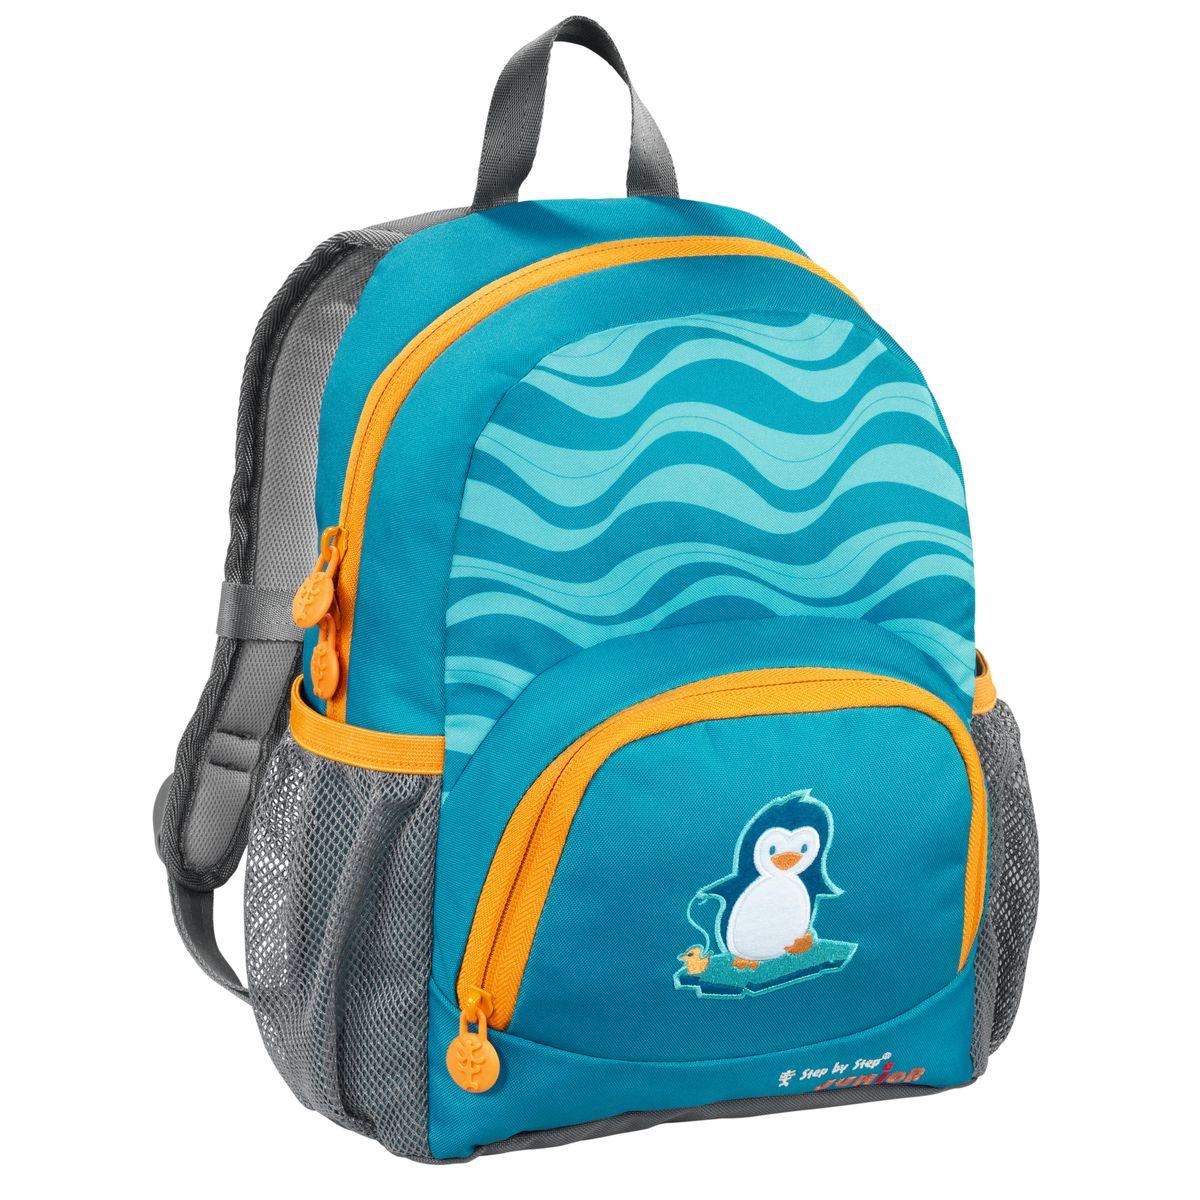 Hama Рюкзак дошкольный Dressy Little Penguin138426Рюкзак Hama Dressy Little Penguin создан специально для дошкольников.Мягкая спинка изделия обеспечивает комфорт даже при длительном ношении рюкзака. Подвесная система регулируется для каждого ребенка в отдельности.Рюкзак имеет основное отделение на молнии, два боковых кармана из сетчатого материала (вмещают бутылочки с водой до 0,6 л). Дополнительно рюкзак оснащен накладным карманом на лицевой стороне.Рюкзак изготовлен из материала с водоотталкивающим покрытием.